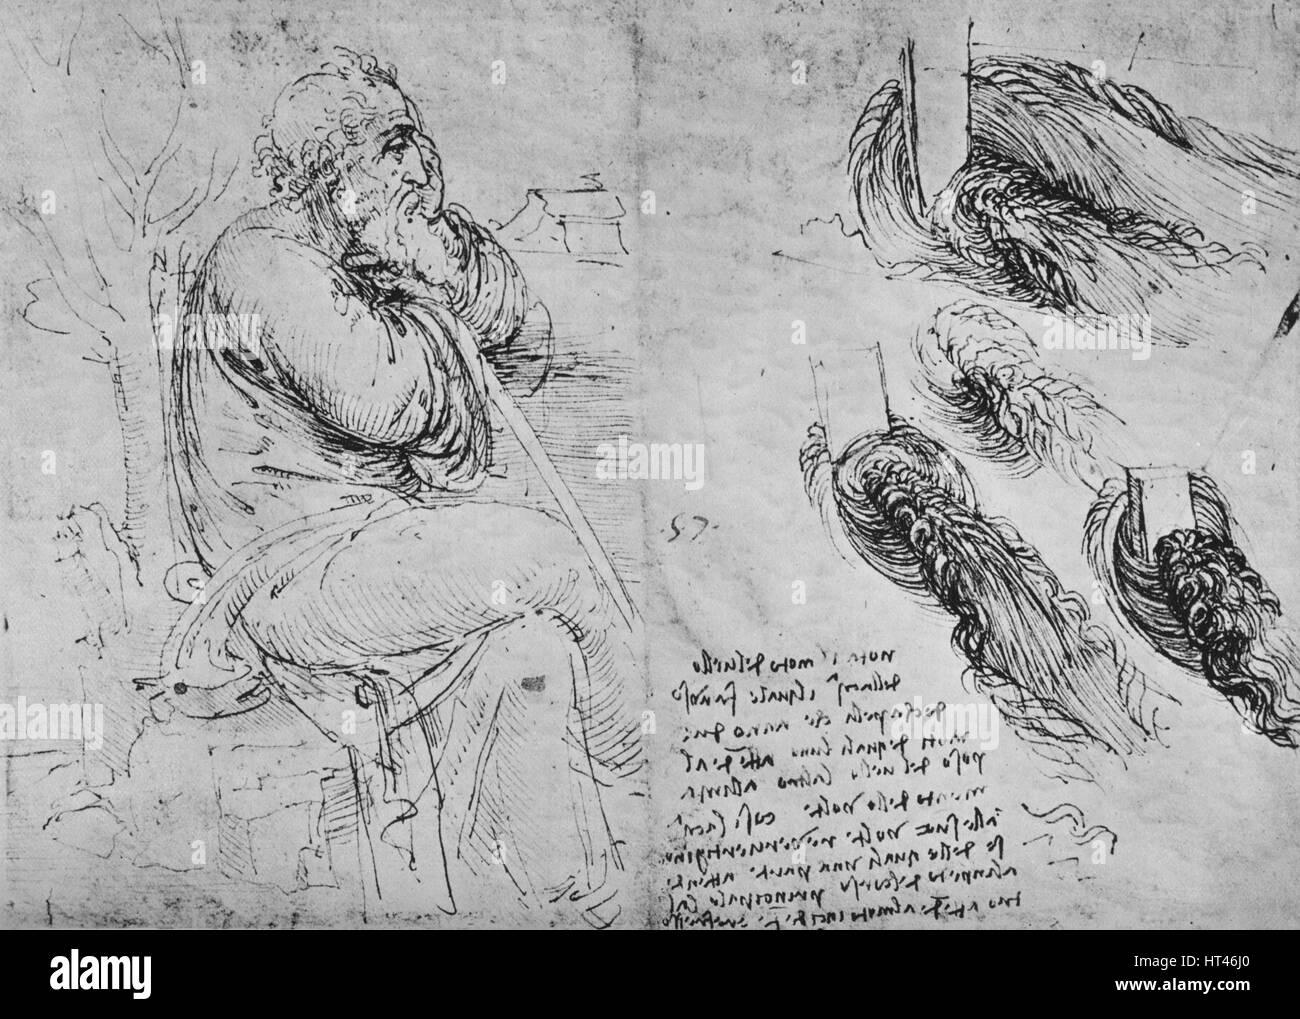 Nett Anatomie Studien Für Künstler Ideen - Anatomie Von Menschlichen ...